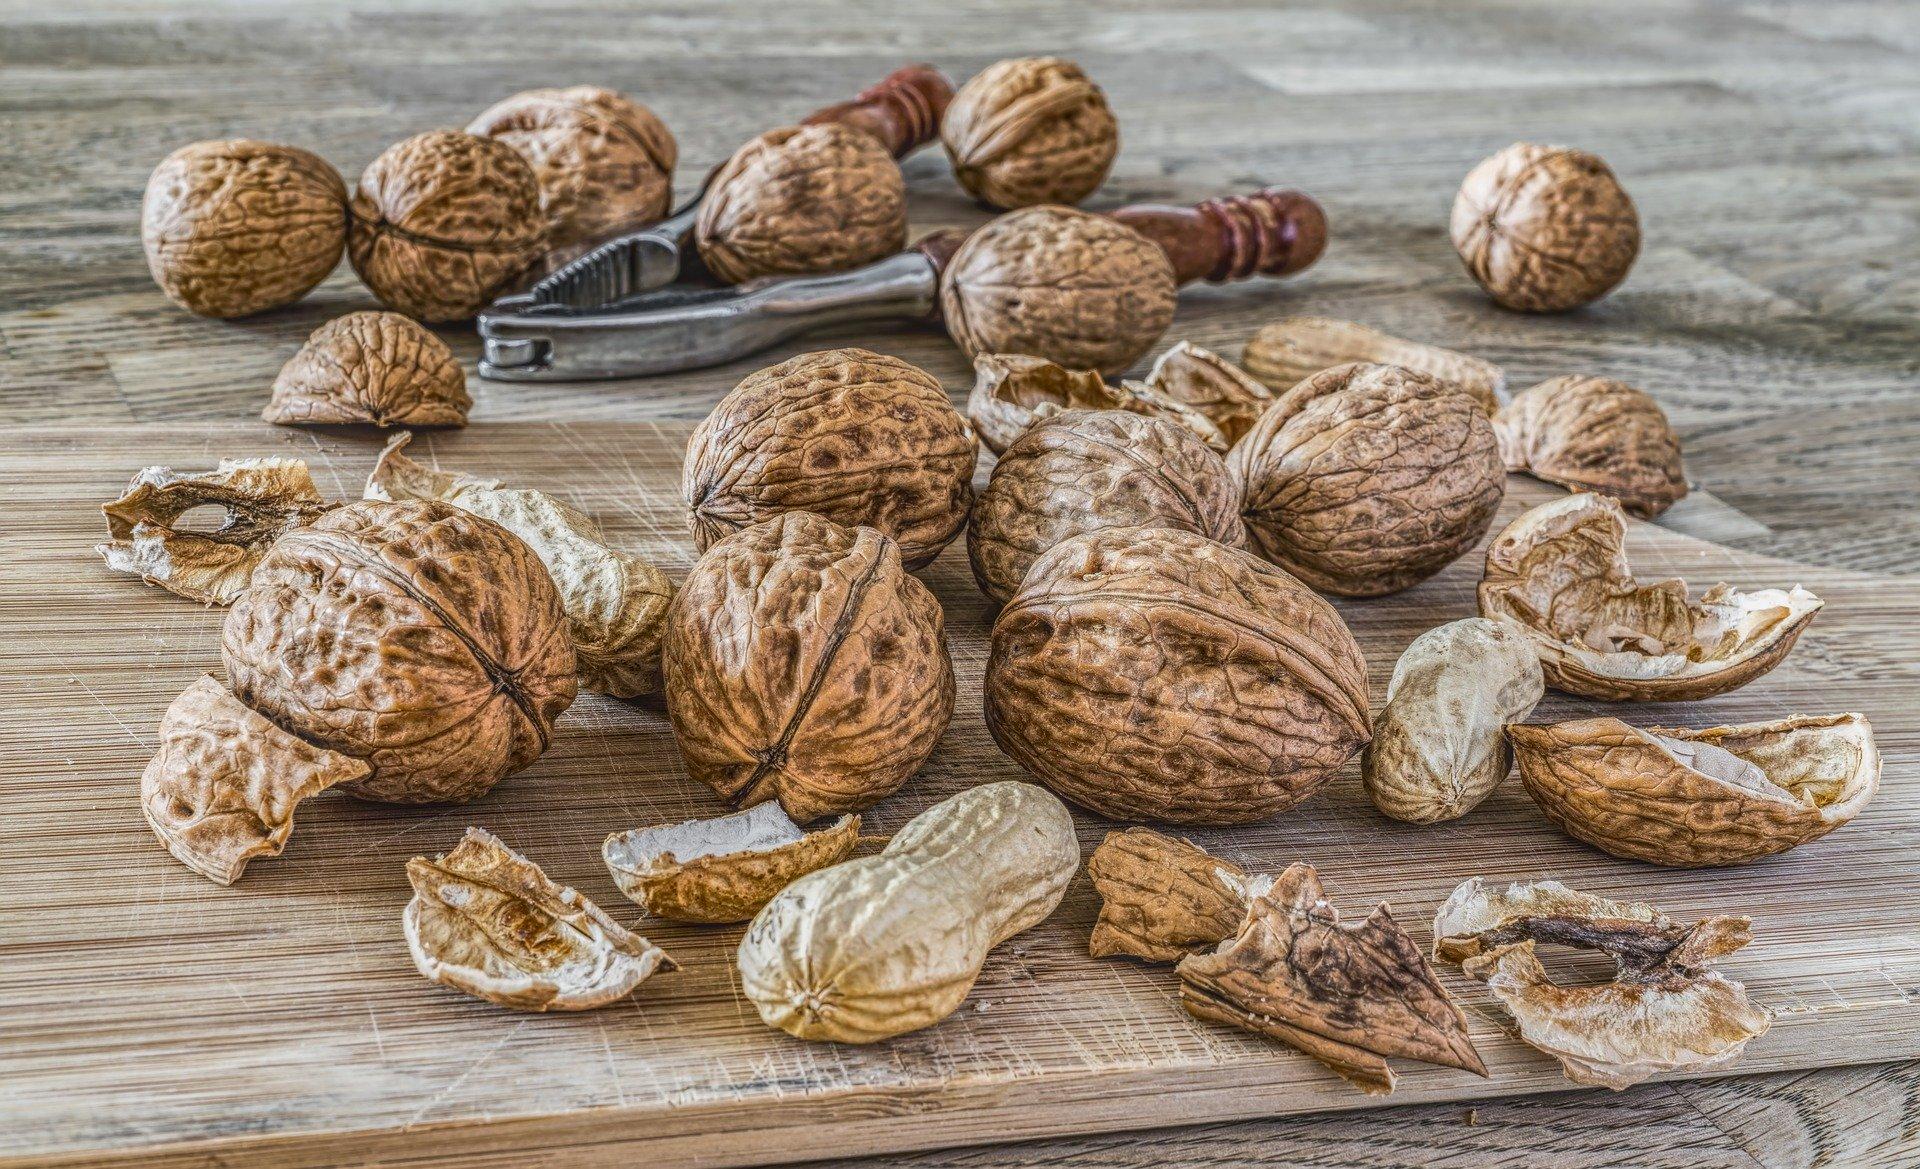 mesa-habla-nueces-cacahuetes-dieta-mediterranea